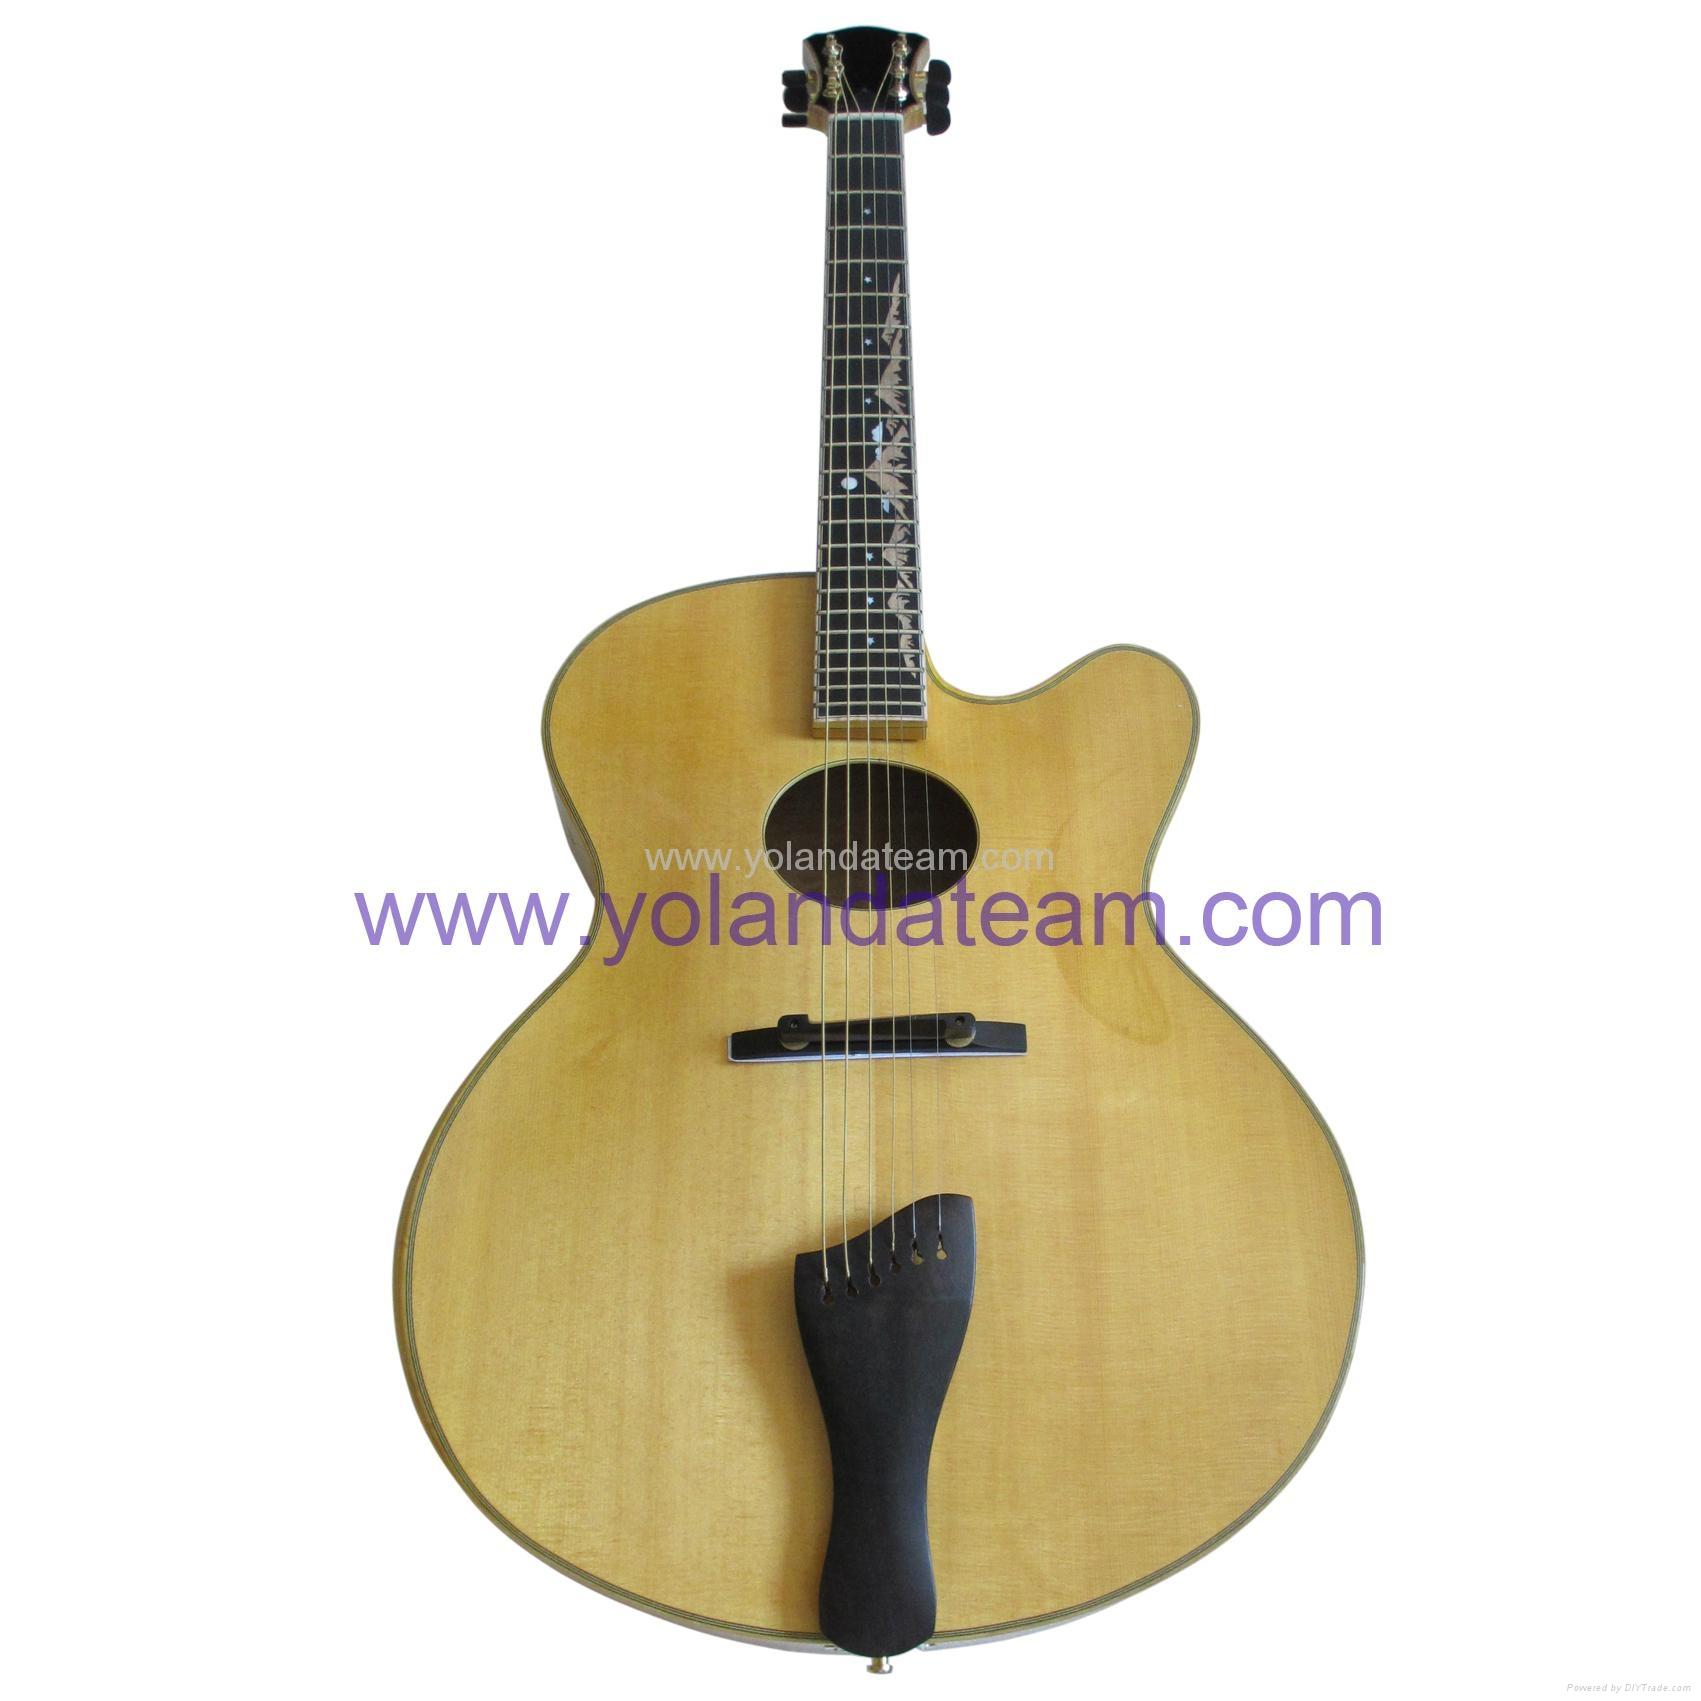 18寸爵士吉他 3